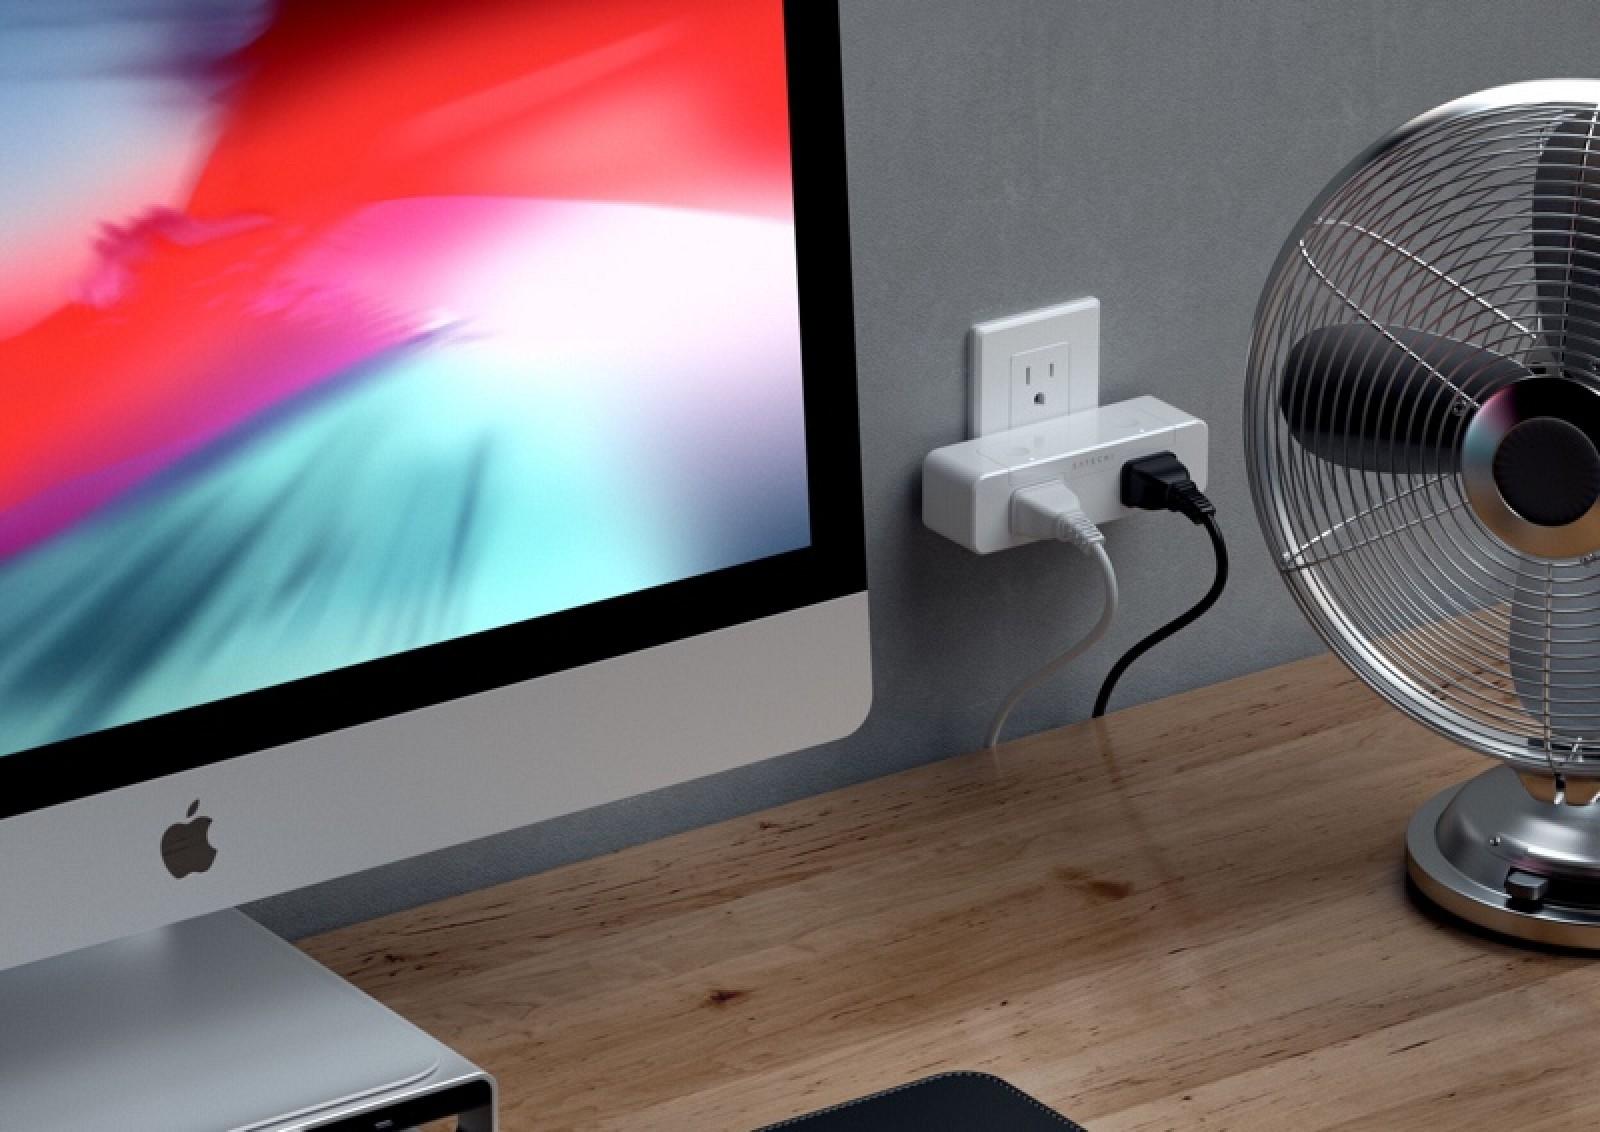 Revisión: El enchufe inteligente dual de Satechi ofrece compatibilidad con HomeKit y monitoreo de energía